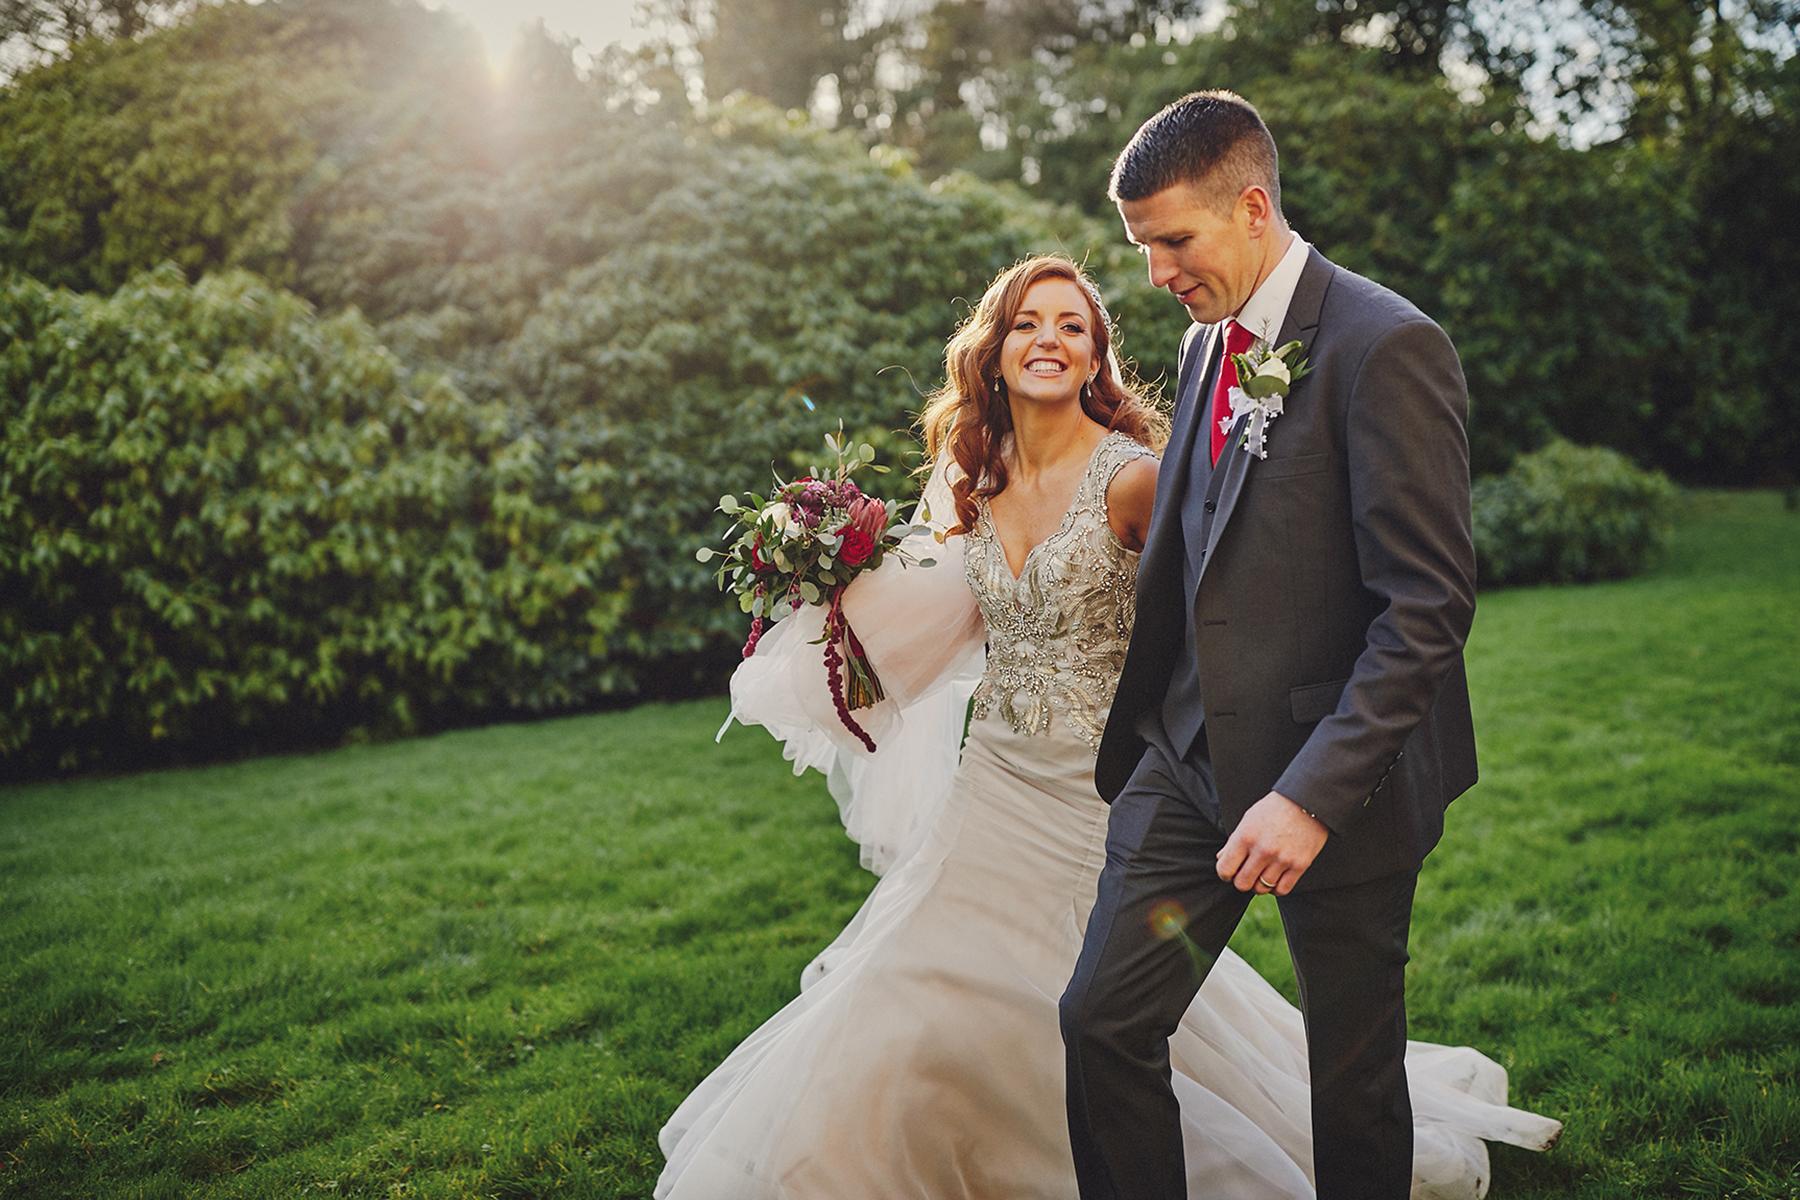 Glenville Park wedding photos